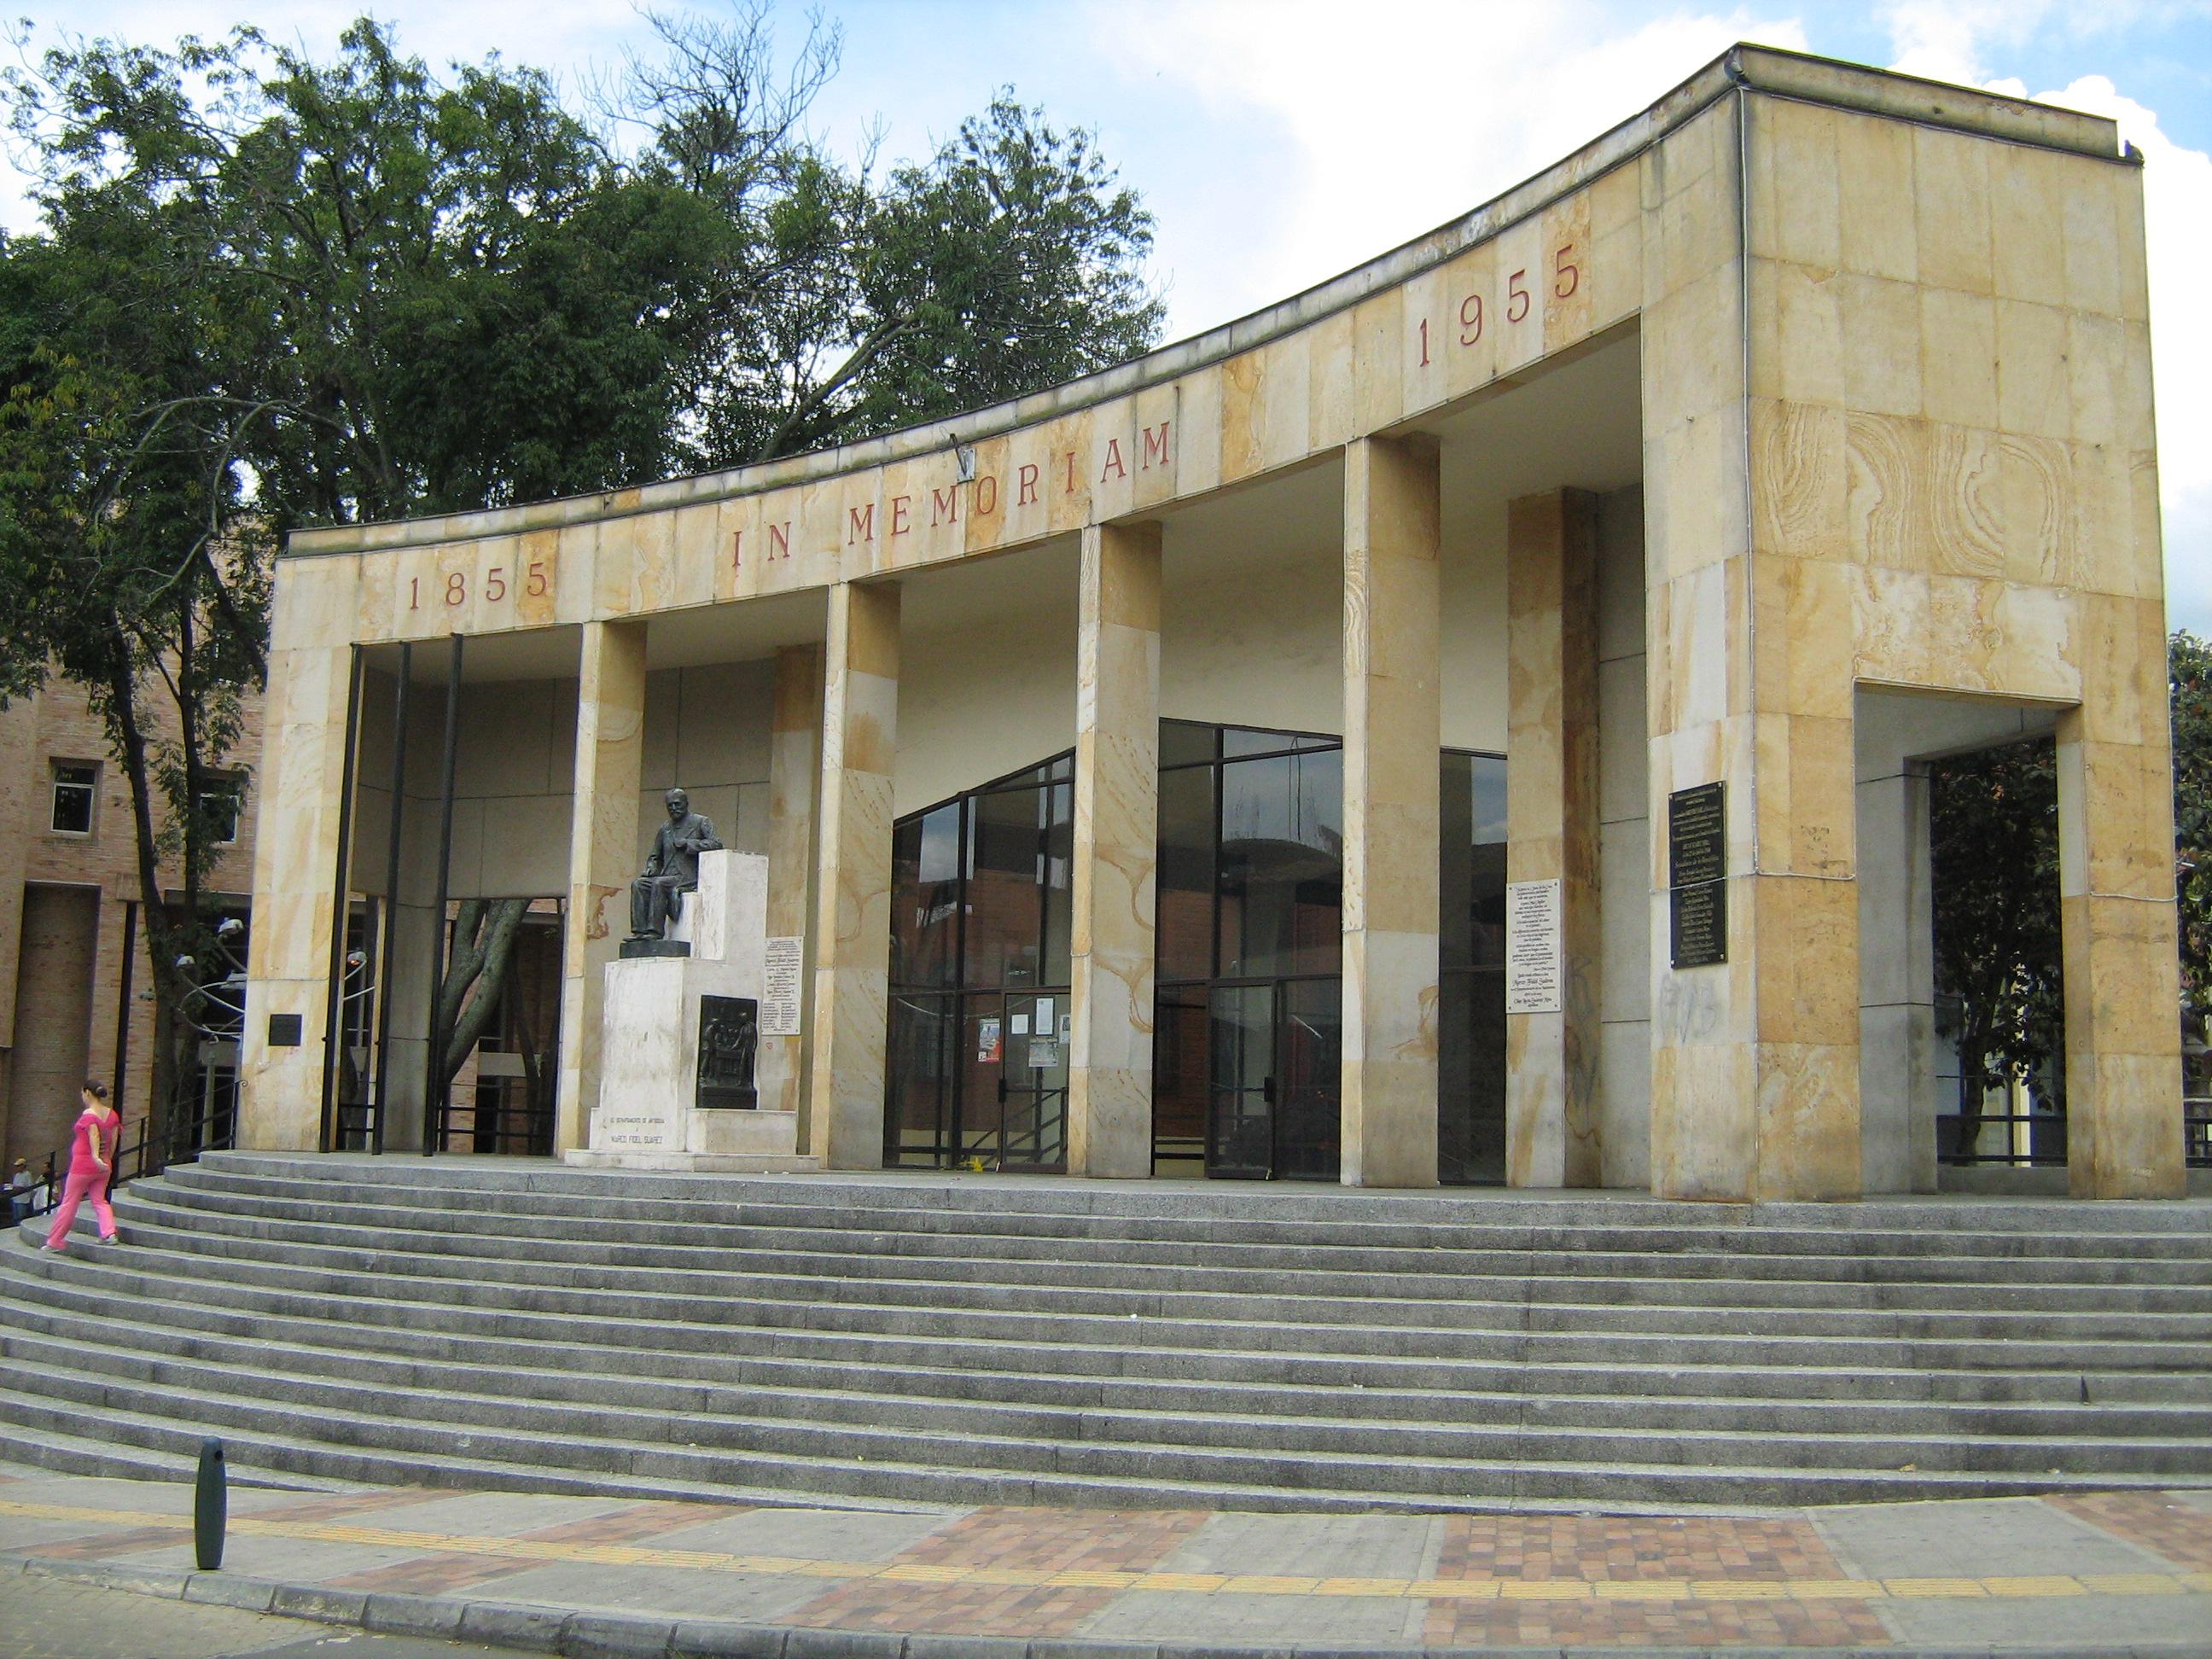 File:Vista del Monumento a Marco Fidel Suarez-Bello.JPG - Wikimedia ...